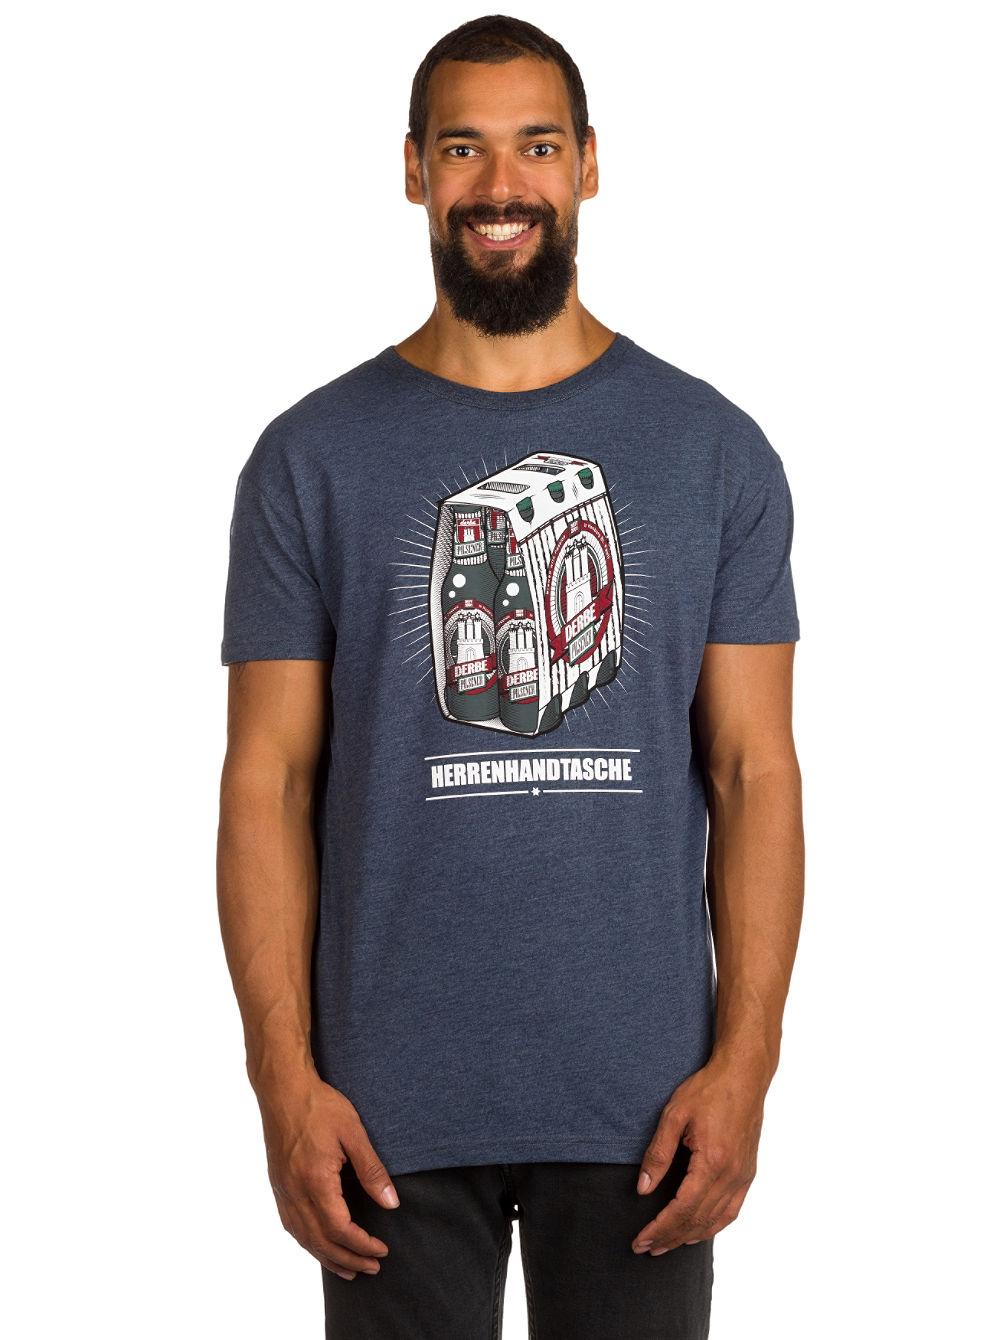 derbe-herrenhandtasche-reloaded-t-shirt